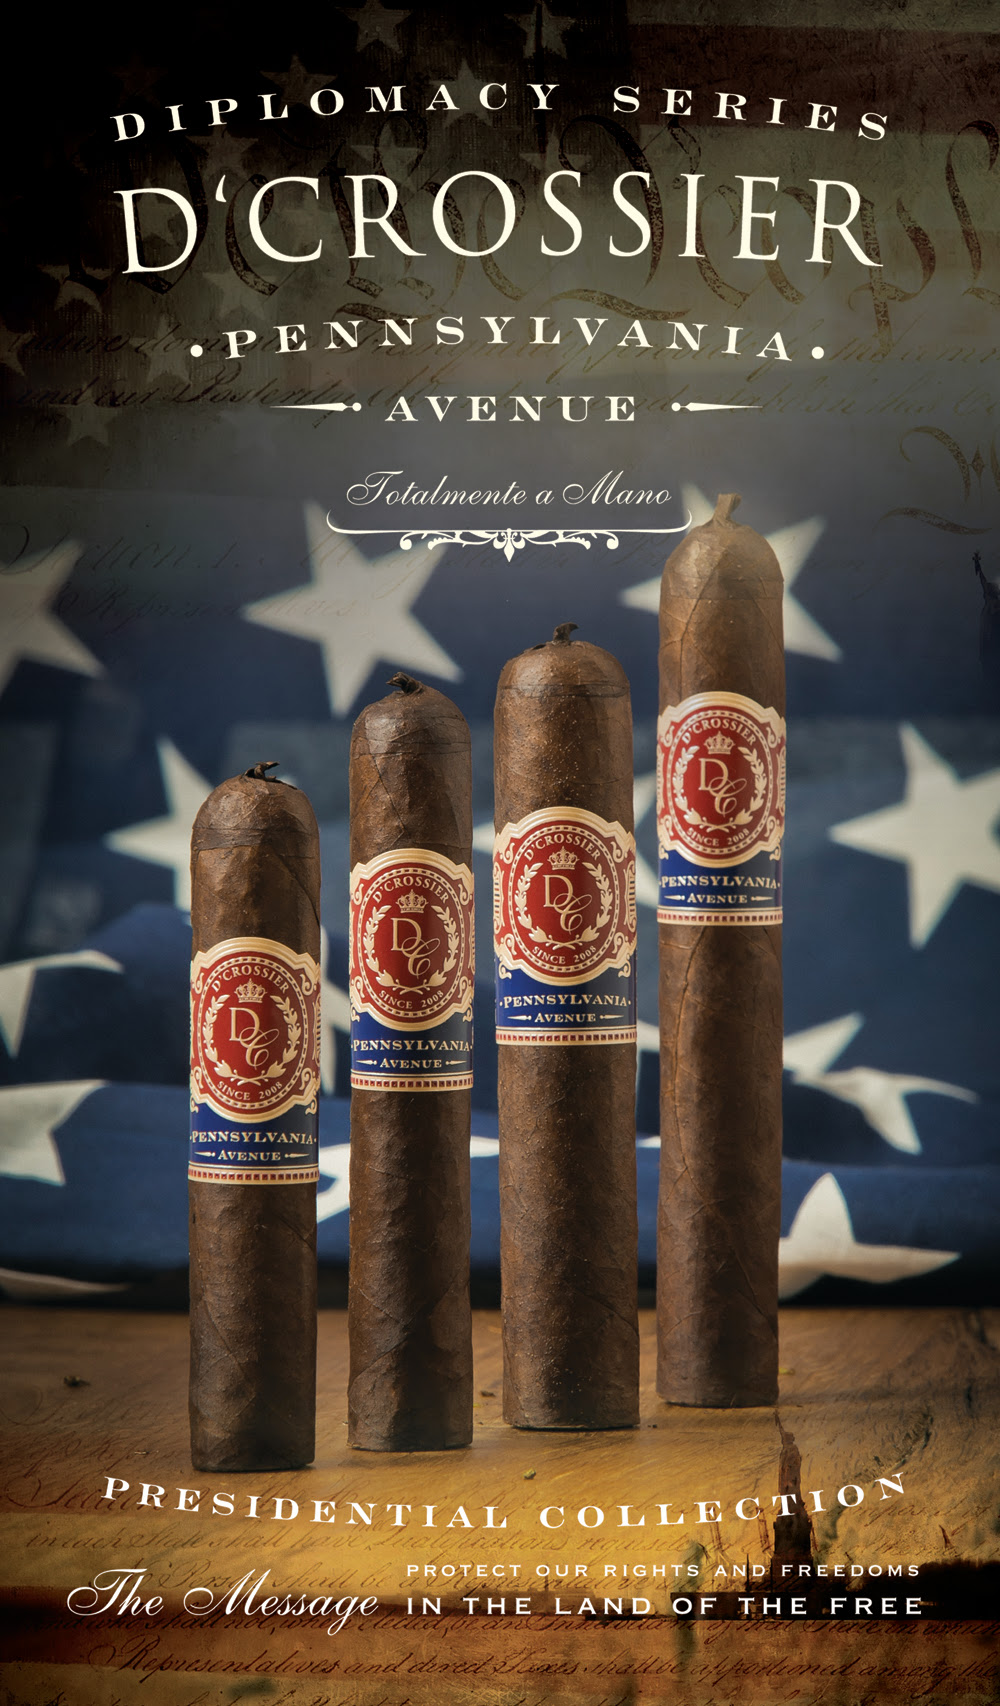 D'Crossier Presidential Collection Pennsylvania Avenue cigar release